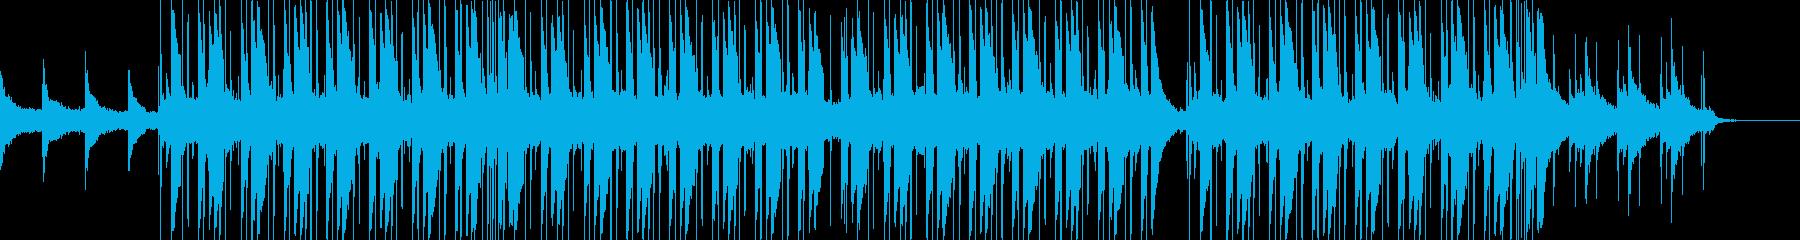 落ち着いた優しいメロディのヒップホップ曲の再生済みの波形